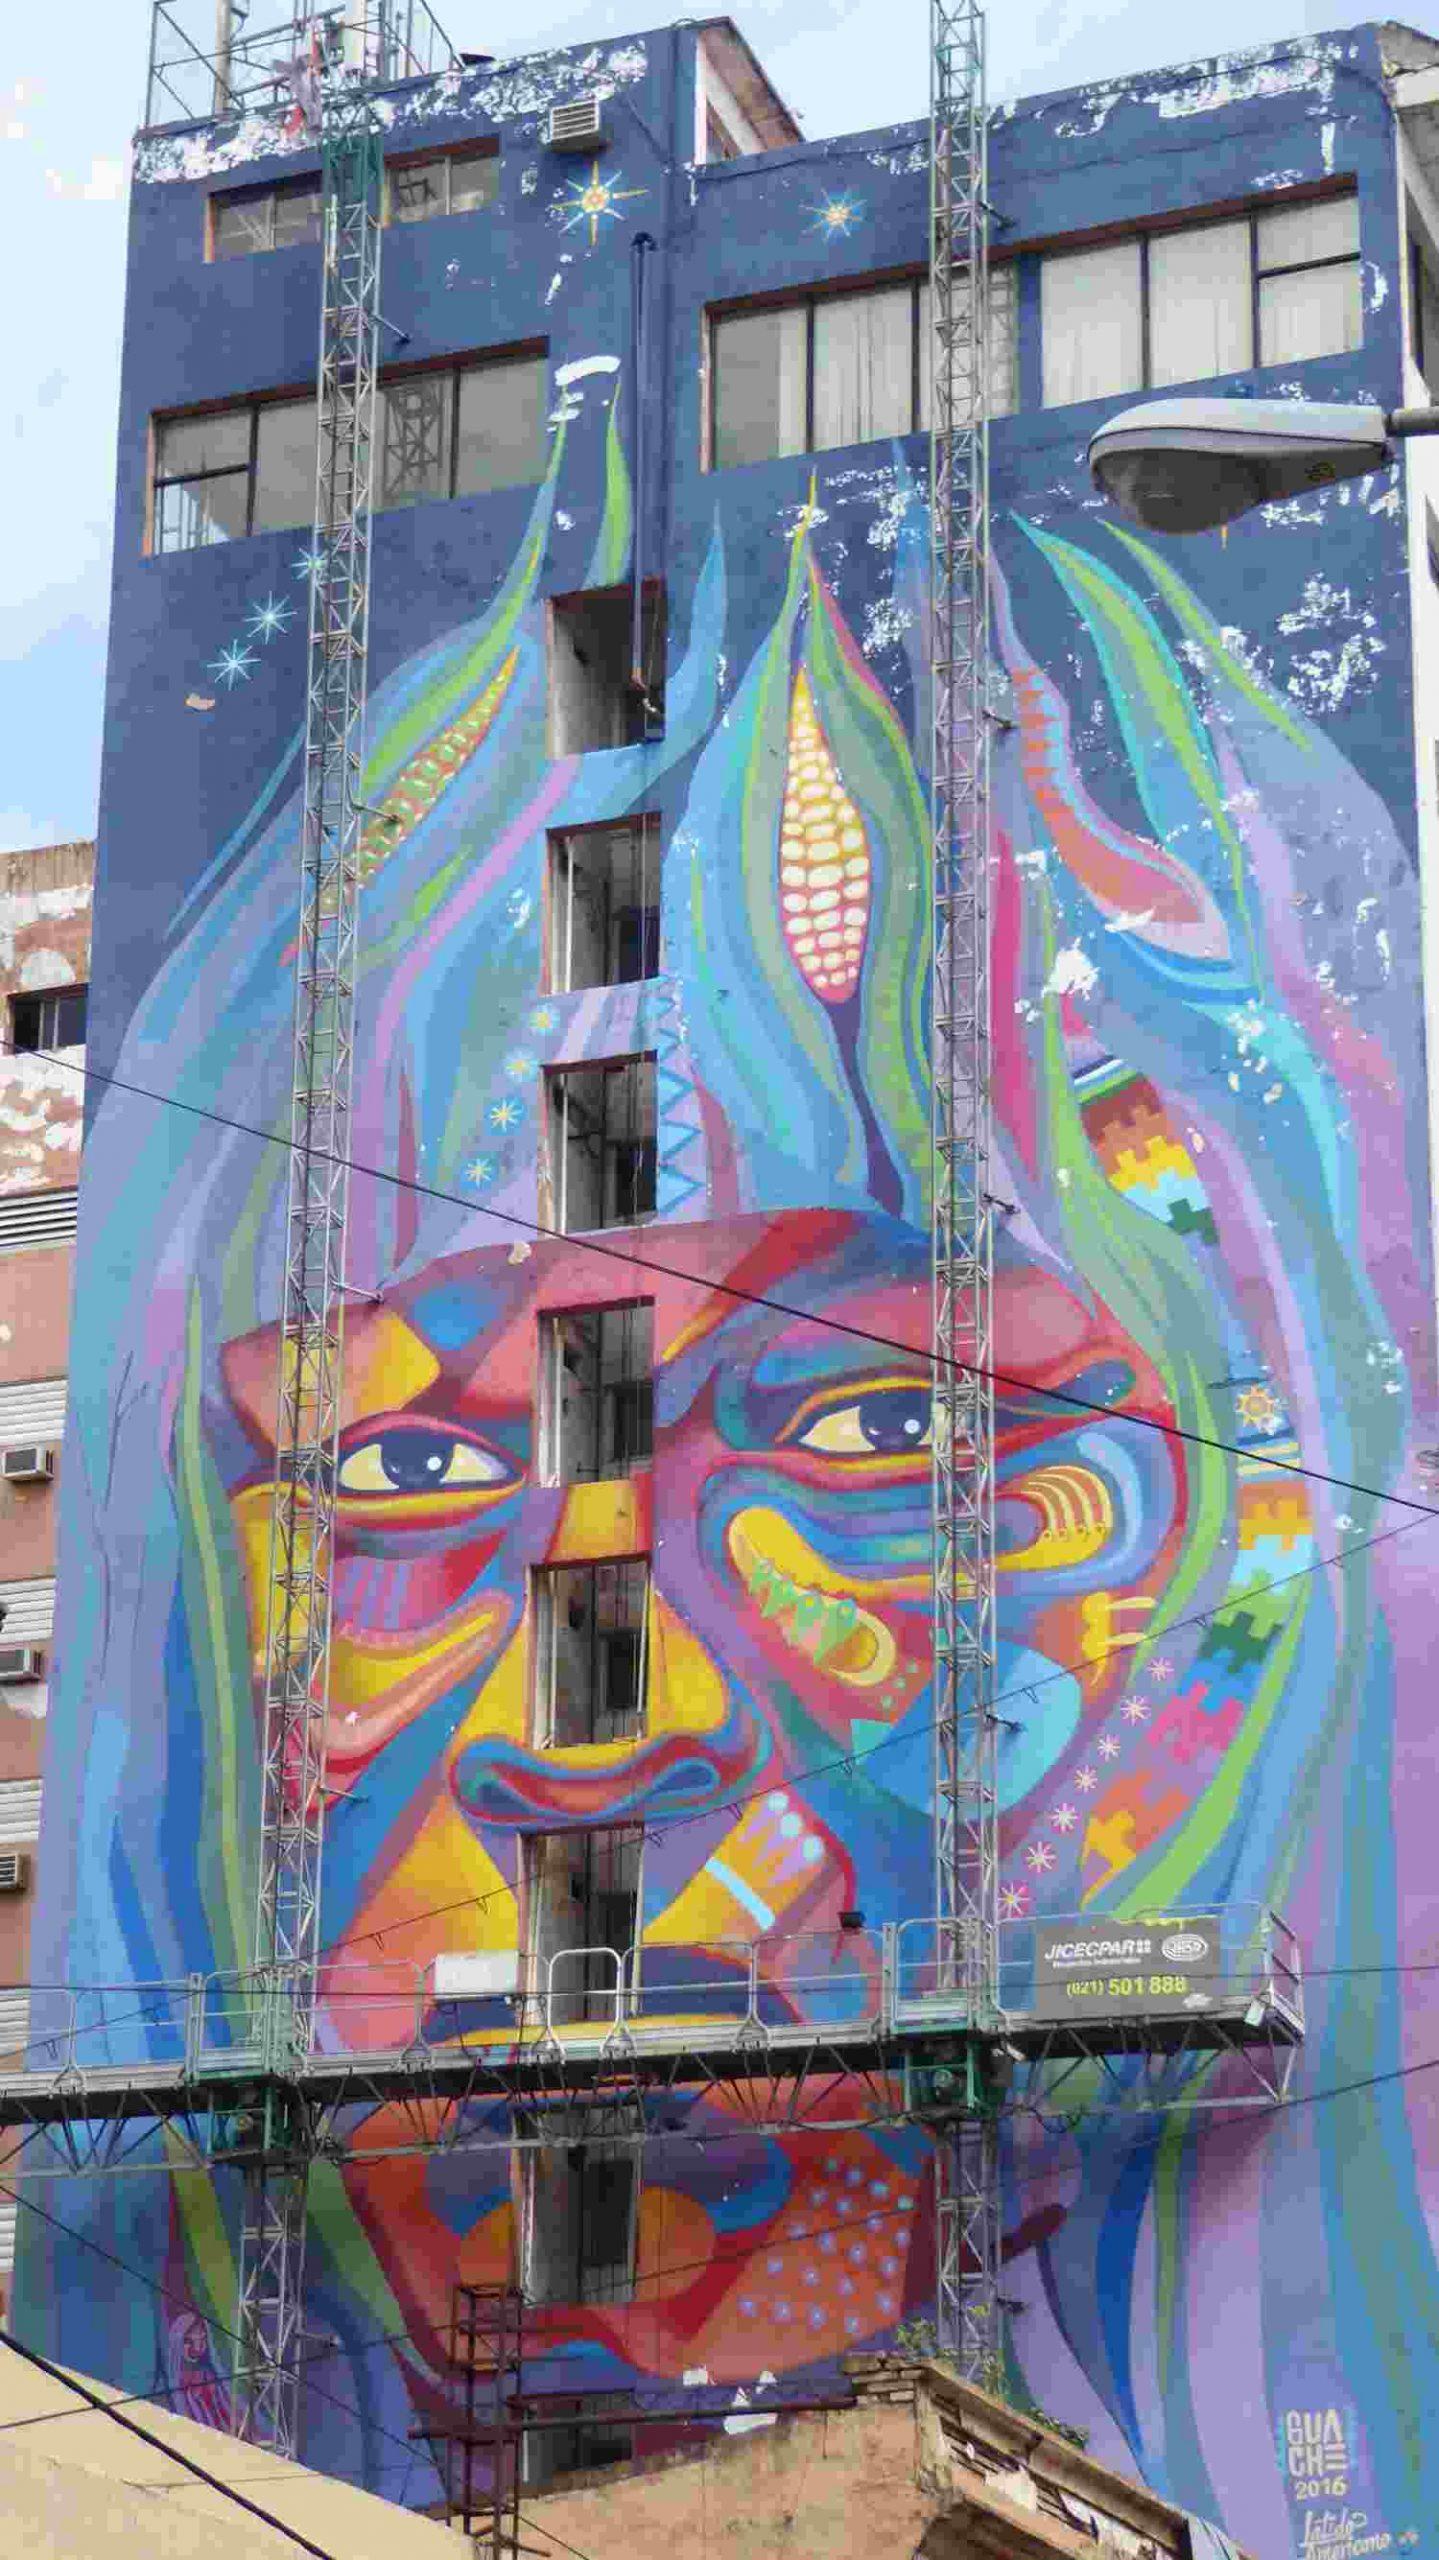 Murales in Asuncion